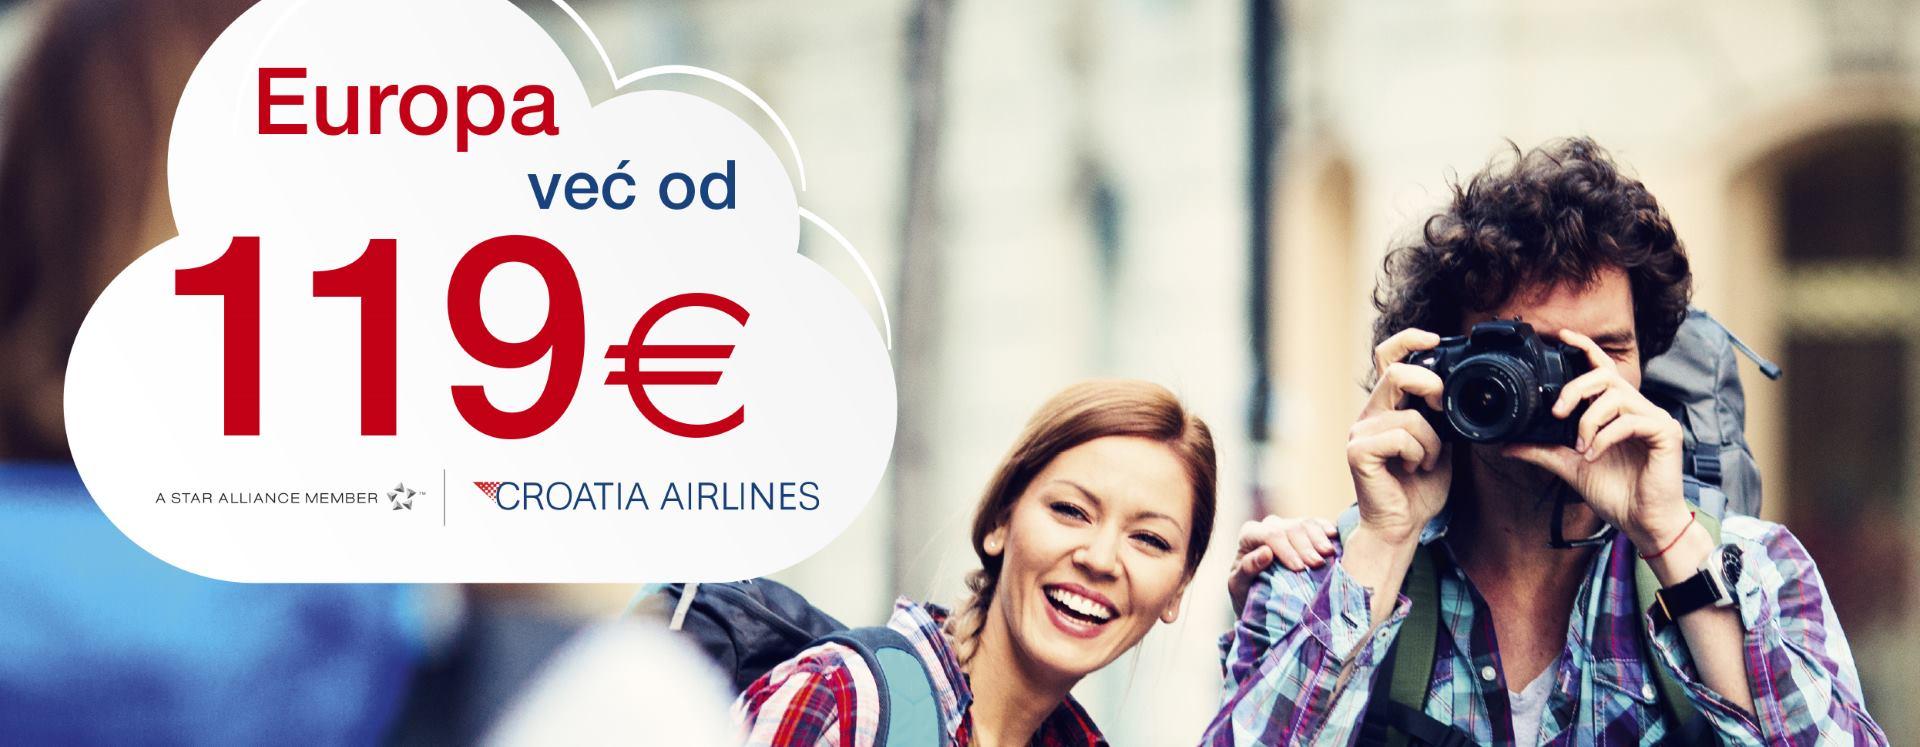 CROATIA AIRLINES Posjetite europske gradove uz povoljne izravne letove